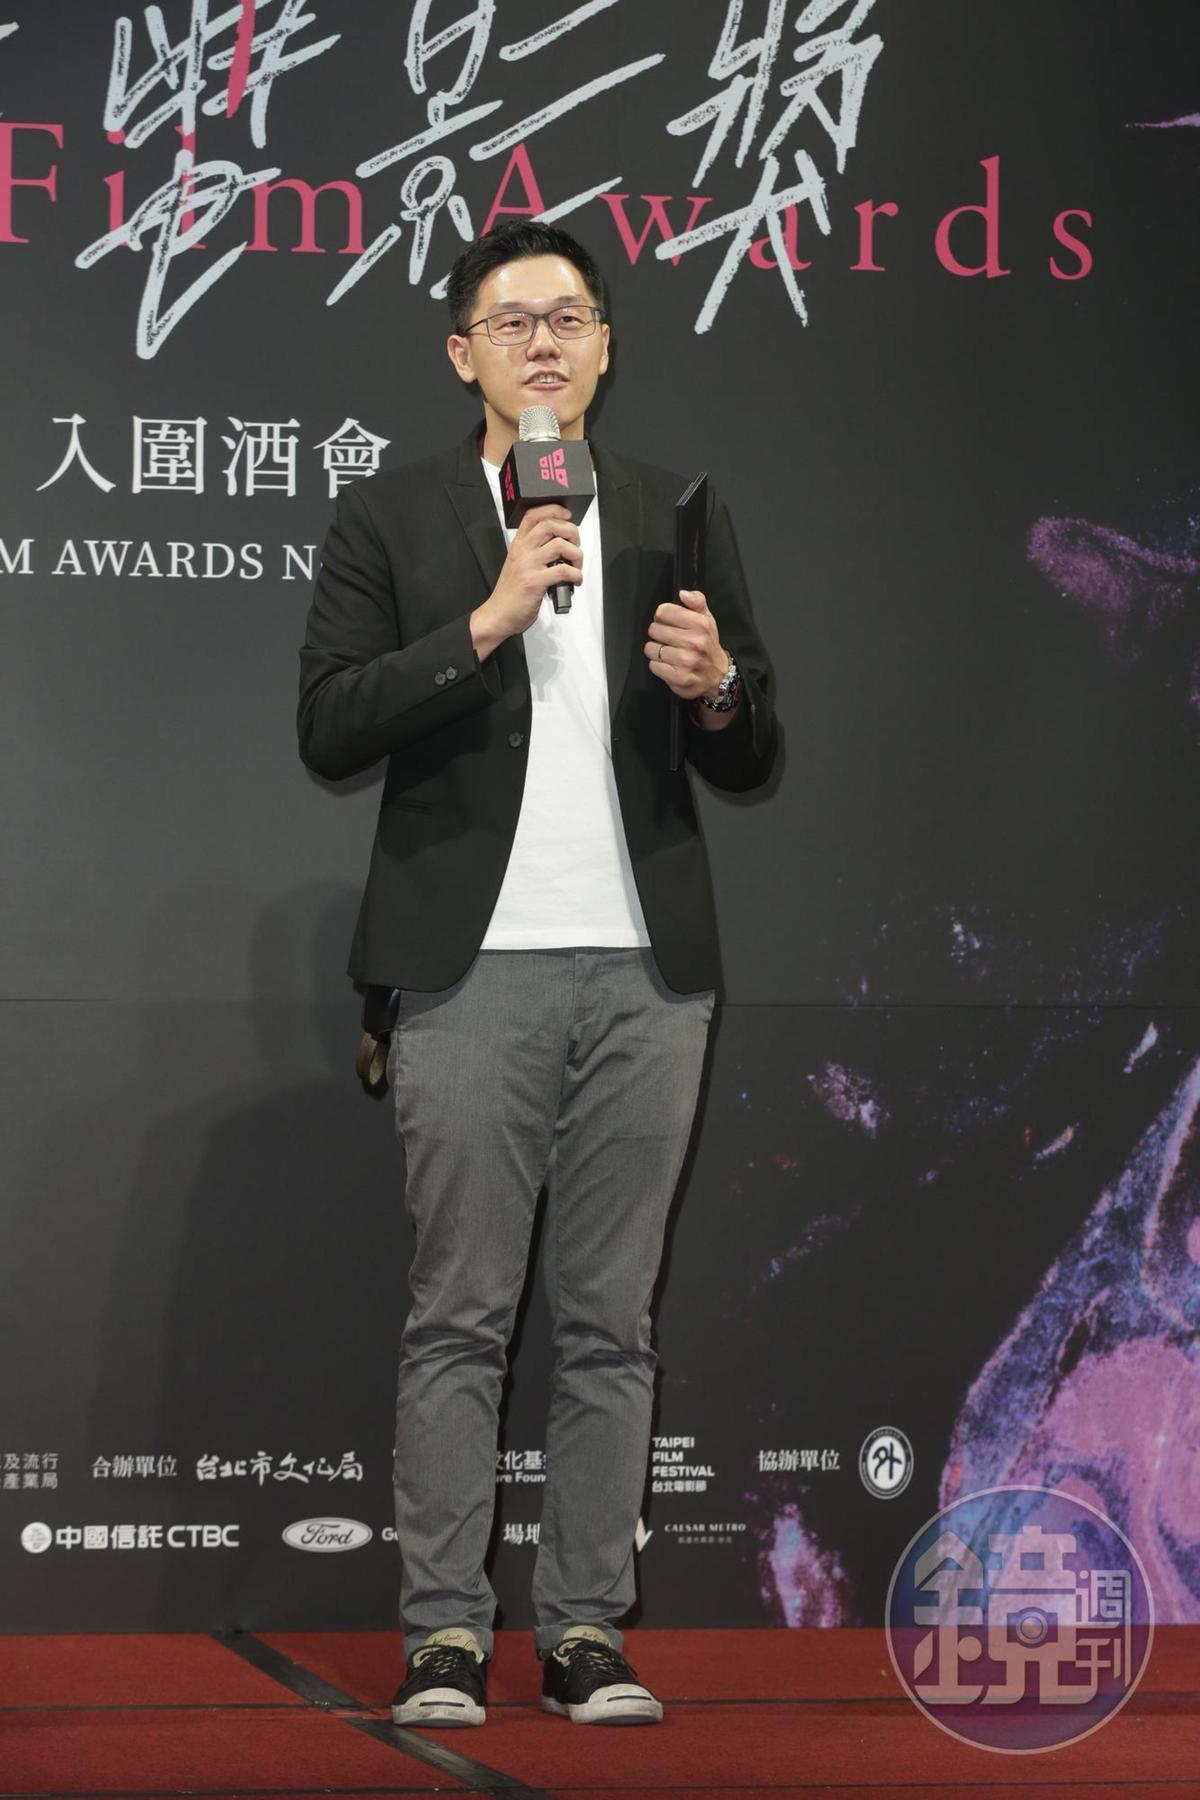 導演王威翔以鏡文學與華文創打造《驚悚劇場》的《肇事者逃逸》短片,得到「尚映完片保險短片獎10萬元的獎勵金。